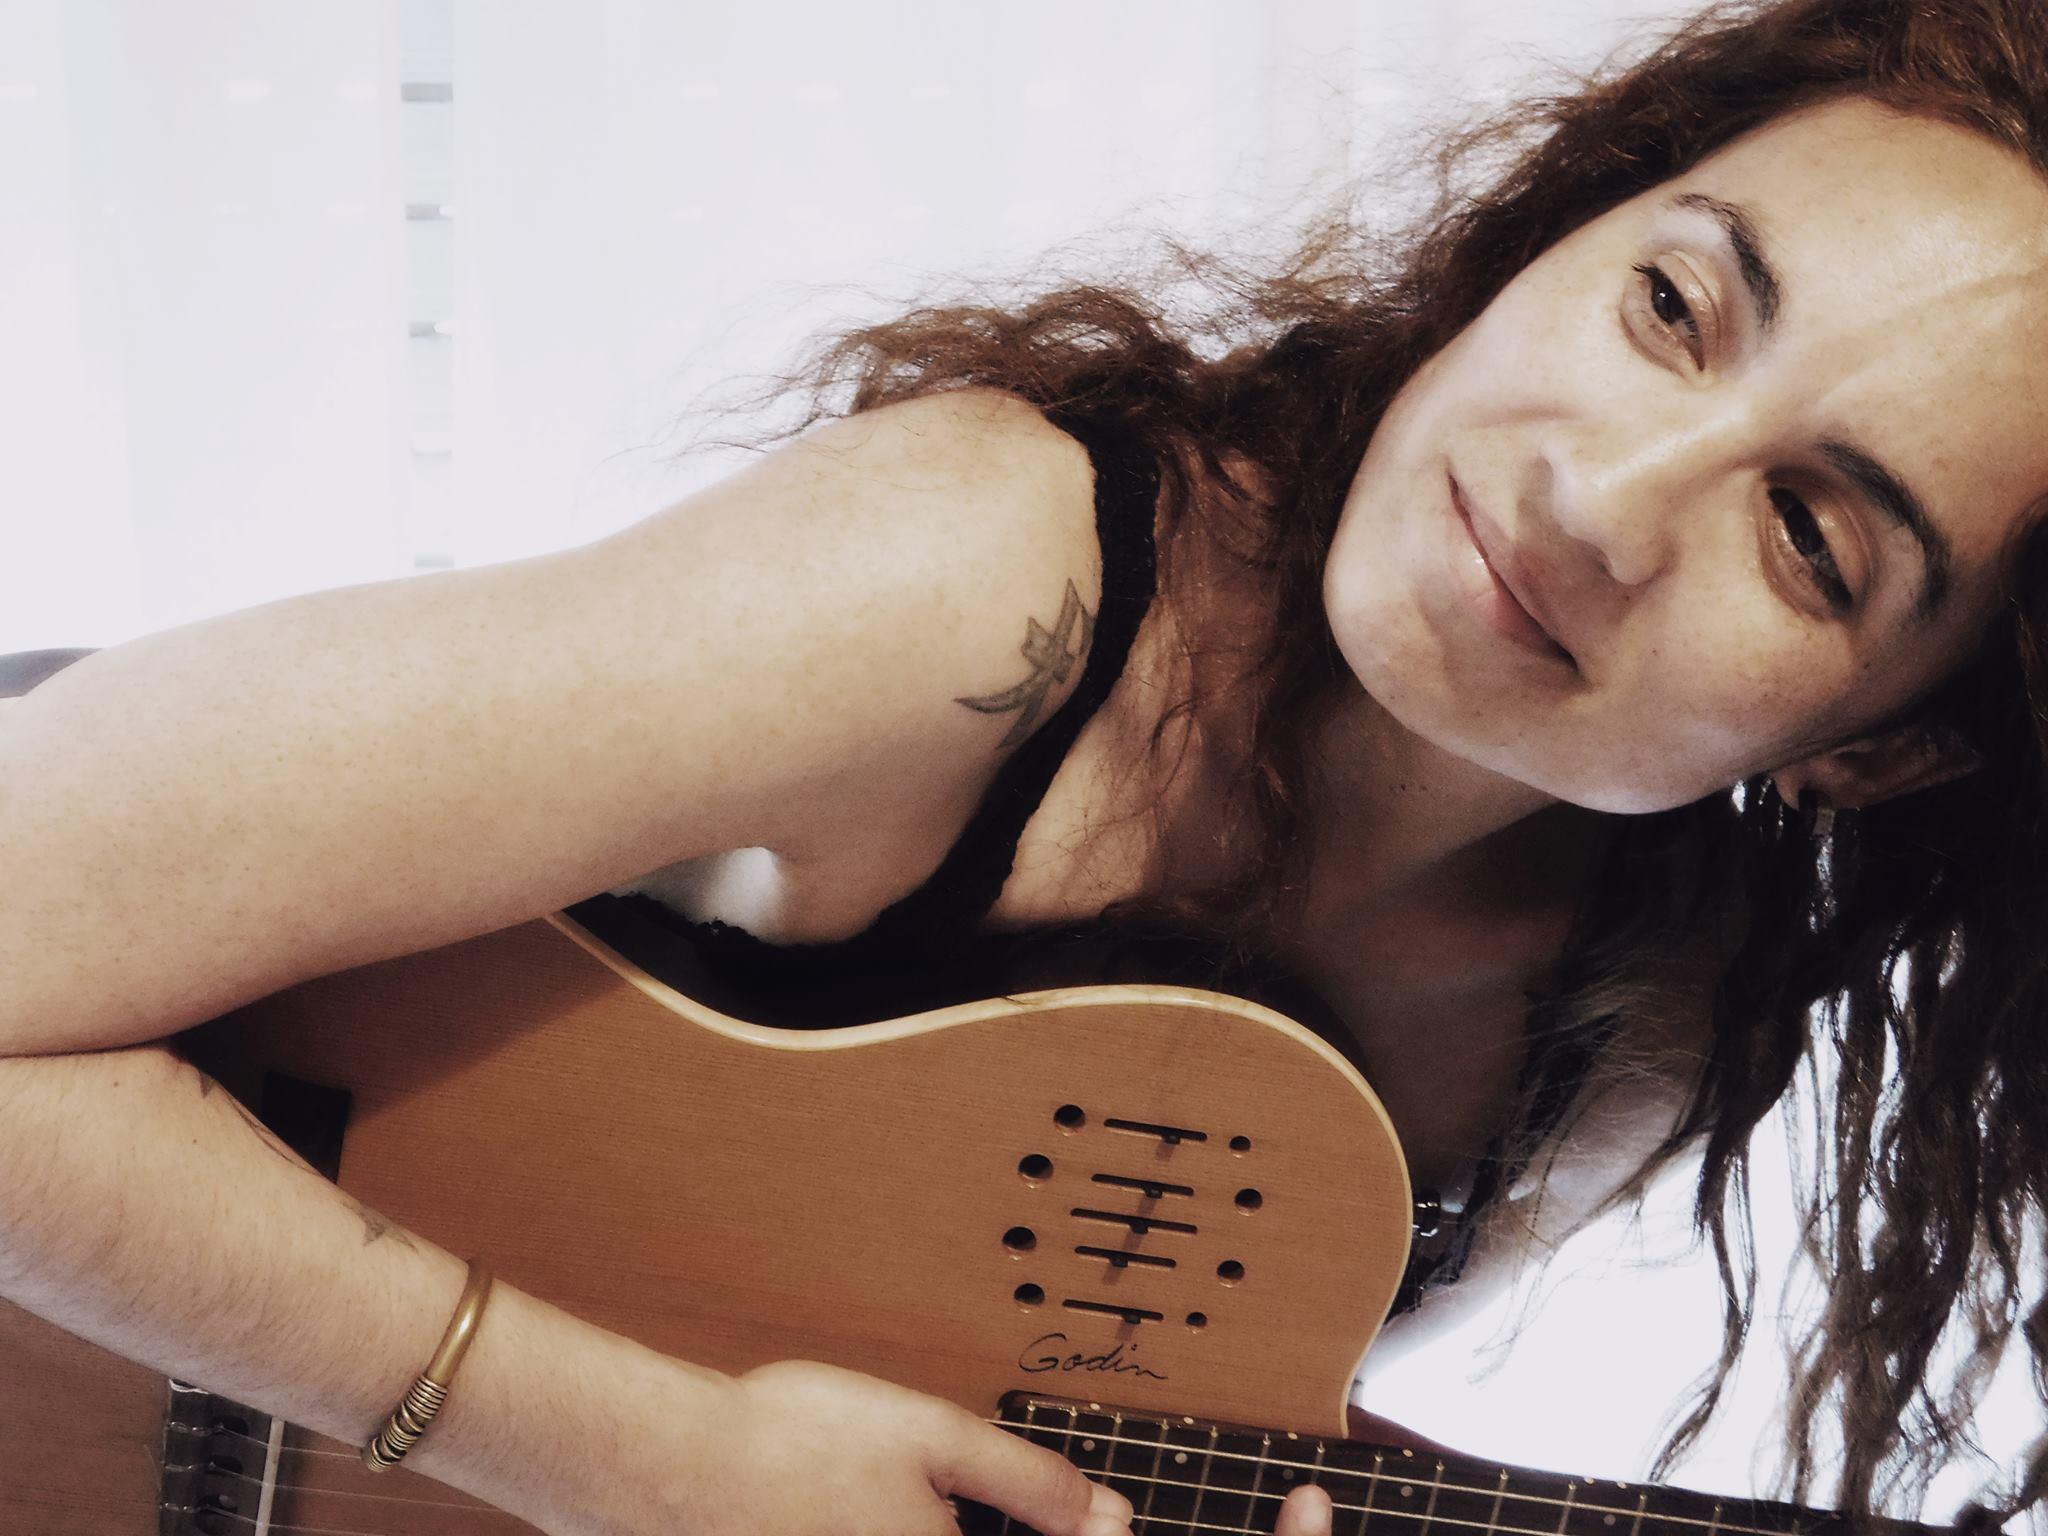 """La folklorista Florencia Dedieus dialogó con NOVA sobre su pasión: la música, la cual caracterizó como """"el motor que me impulsa cada día al despertar"""". """"Encierra todos los sentimientos que puedas imaginarte, desde una sonrisa, una lágrima, un enojo y cada estado por el que podemos llegar a transitar en el transcurso de una vida"""", sostuvo la mujer rojense."""